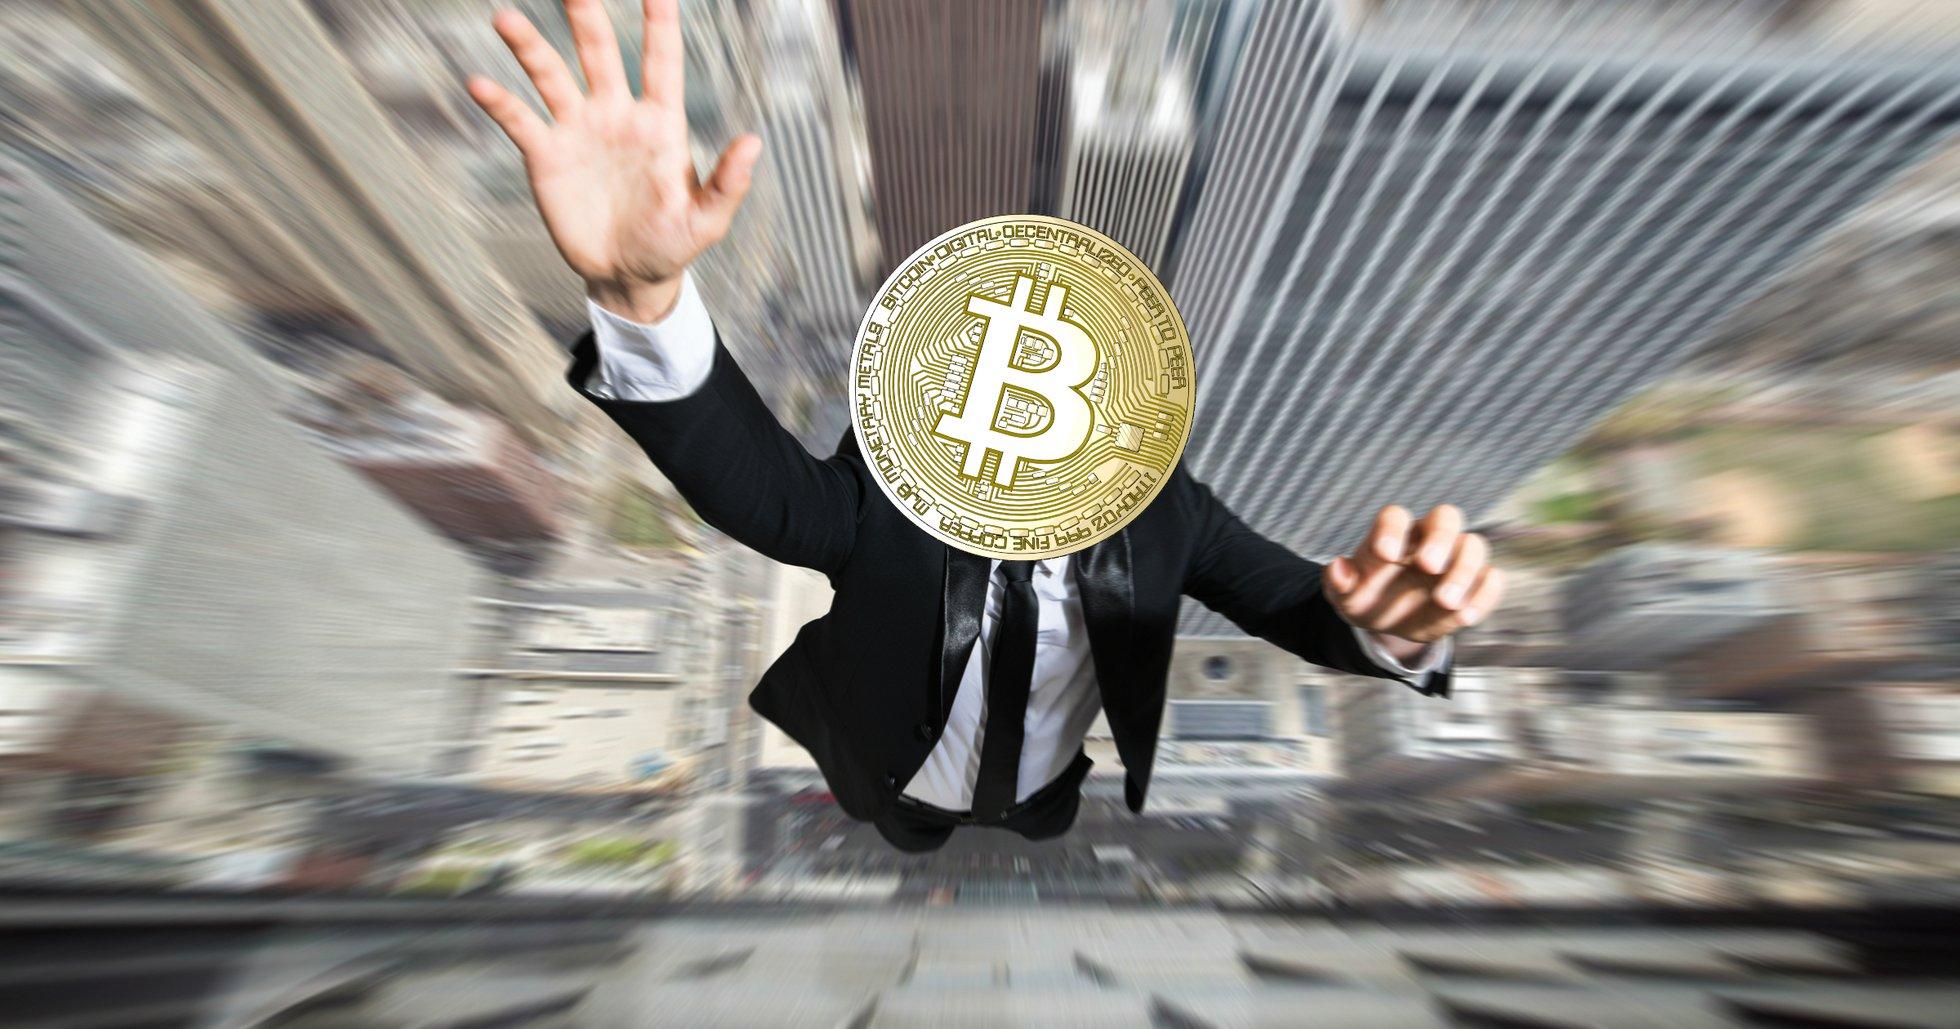 Bitcoinpriset i fritt fall efter coronapanik – ner över 18 procent på en halvtimme.